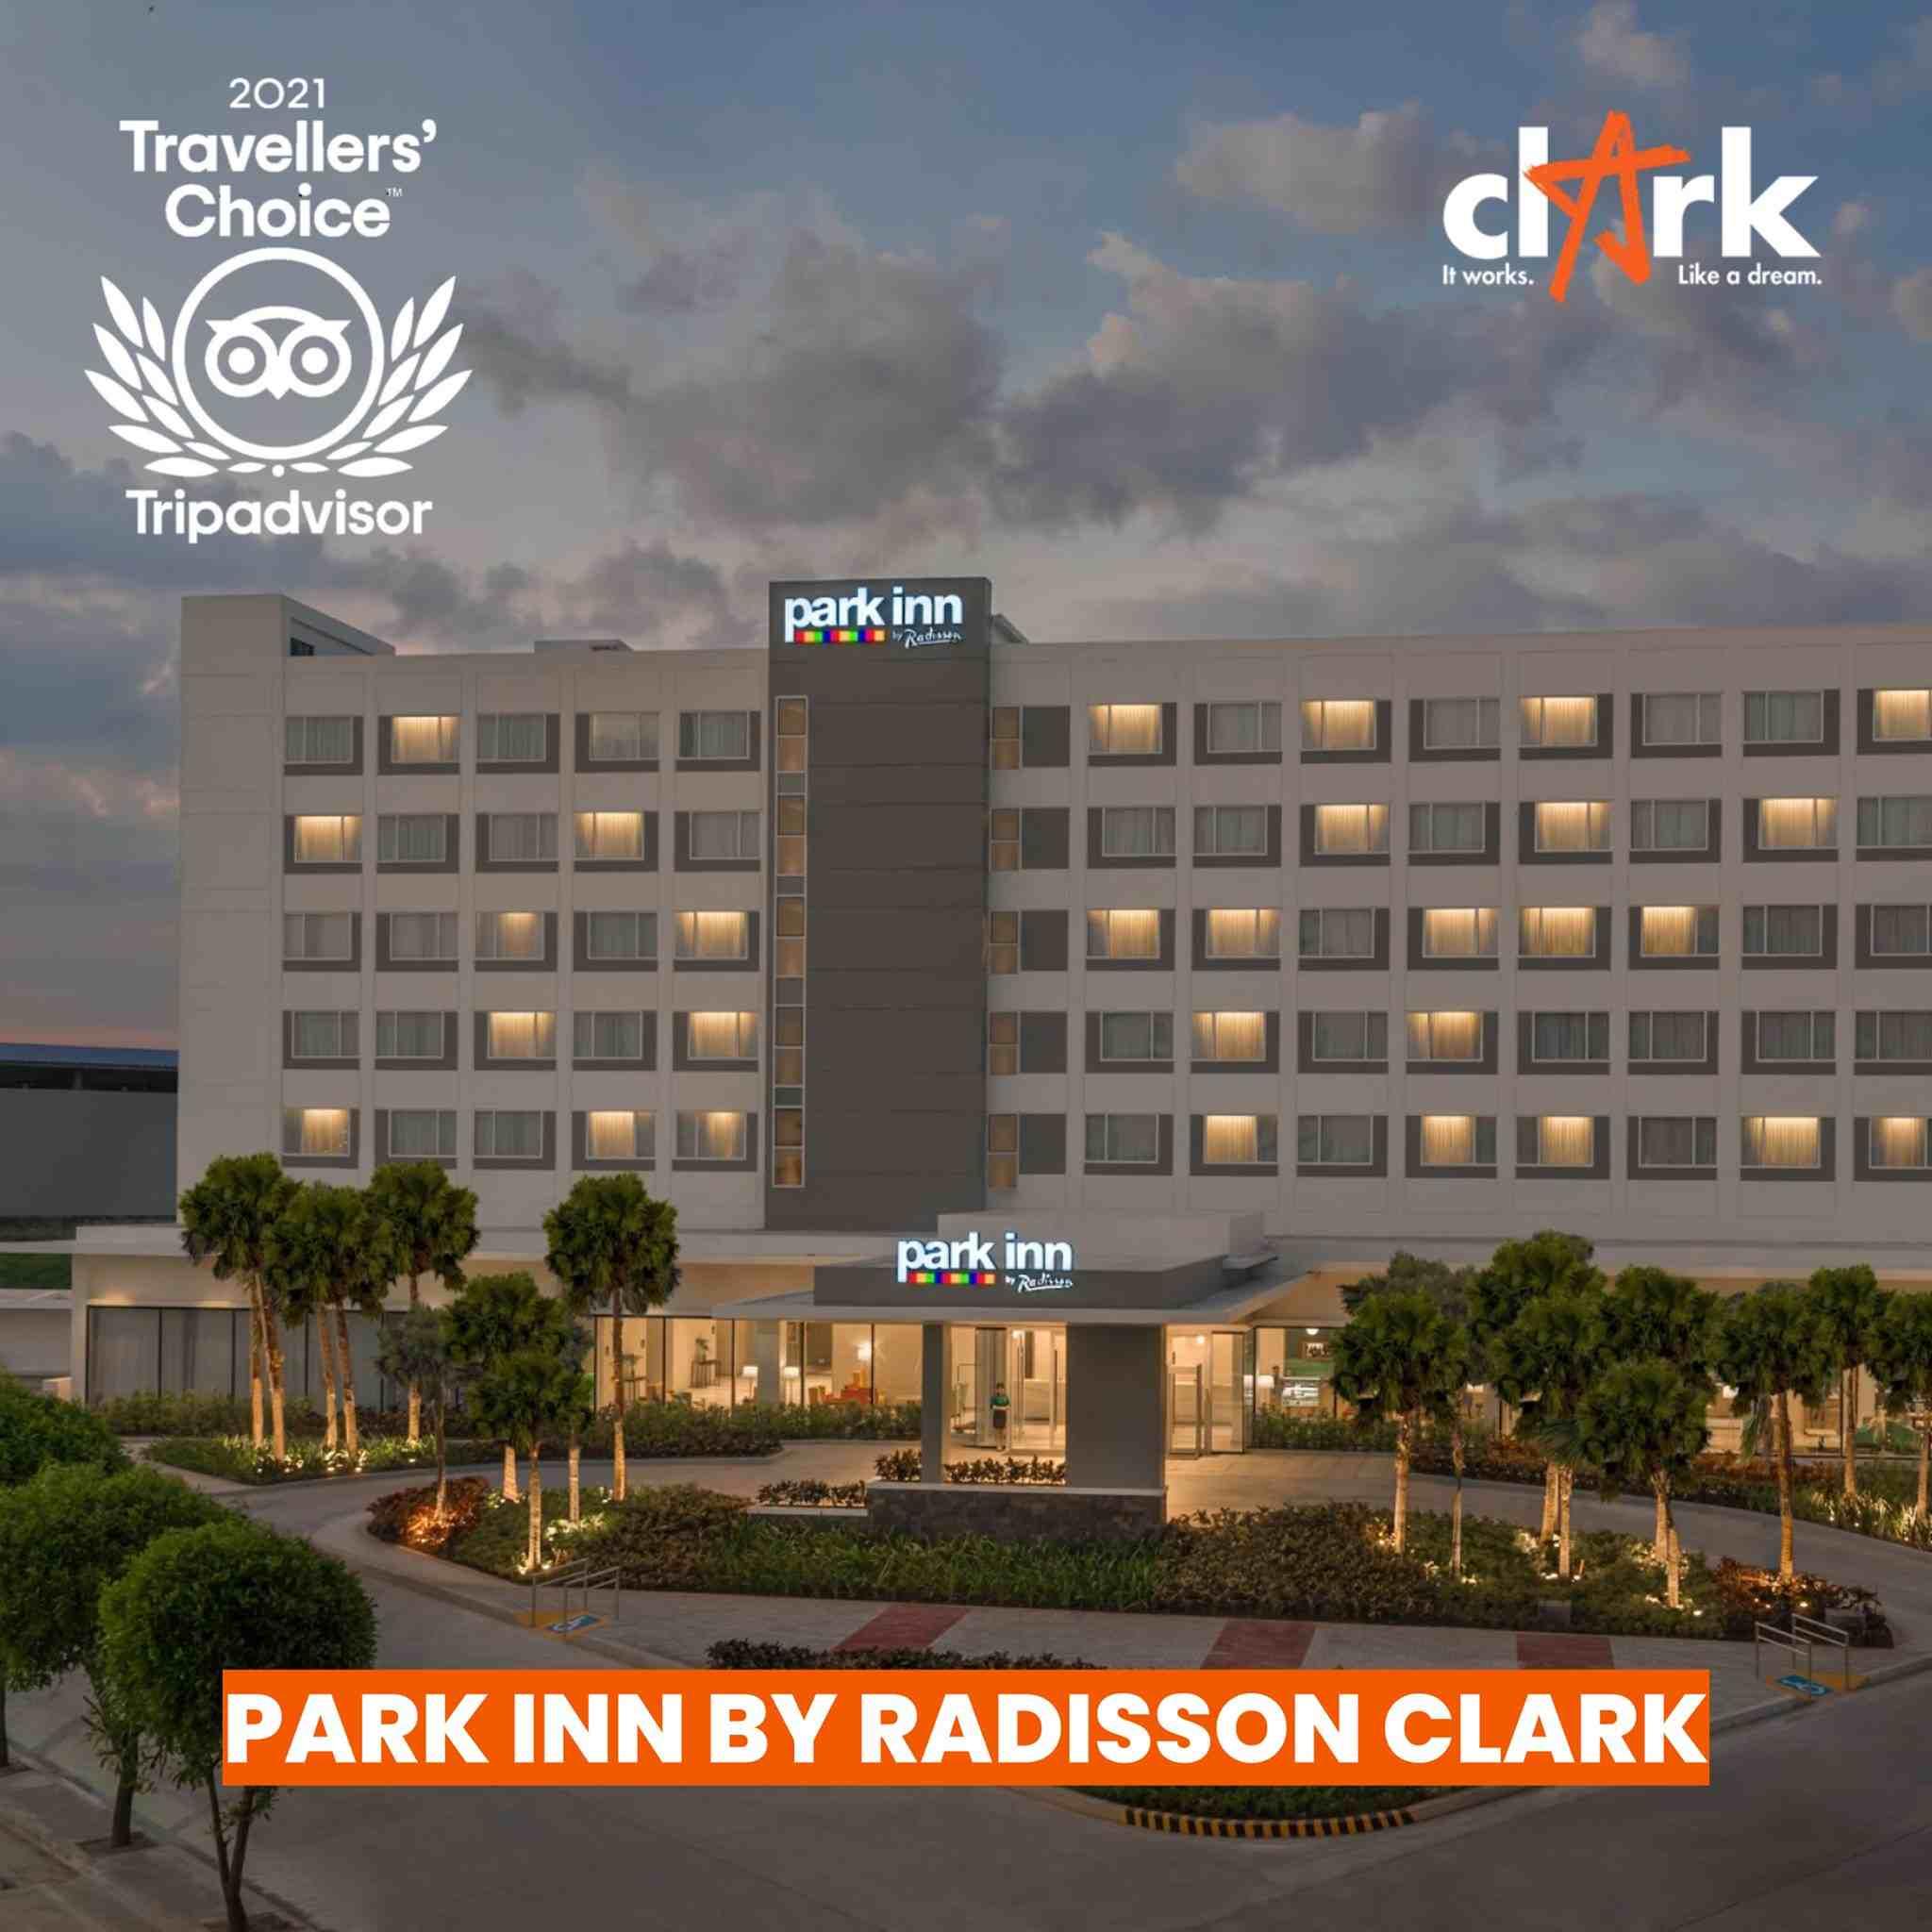 park inn clark